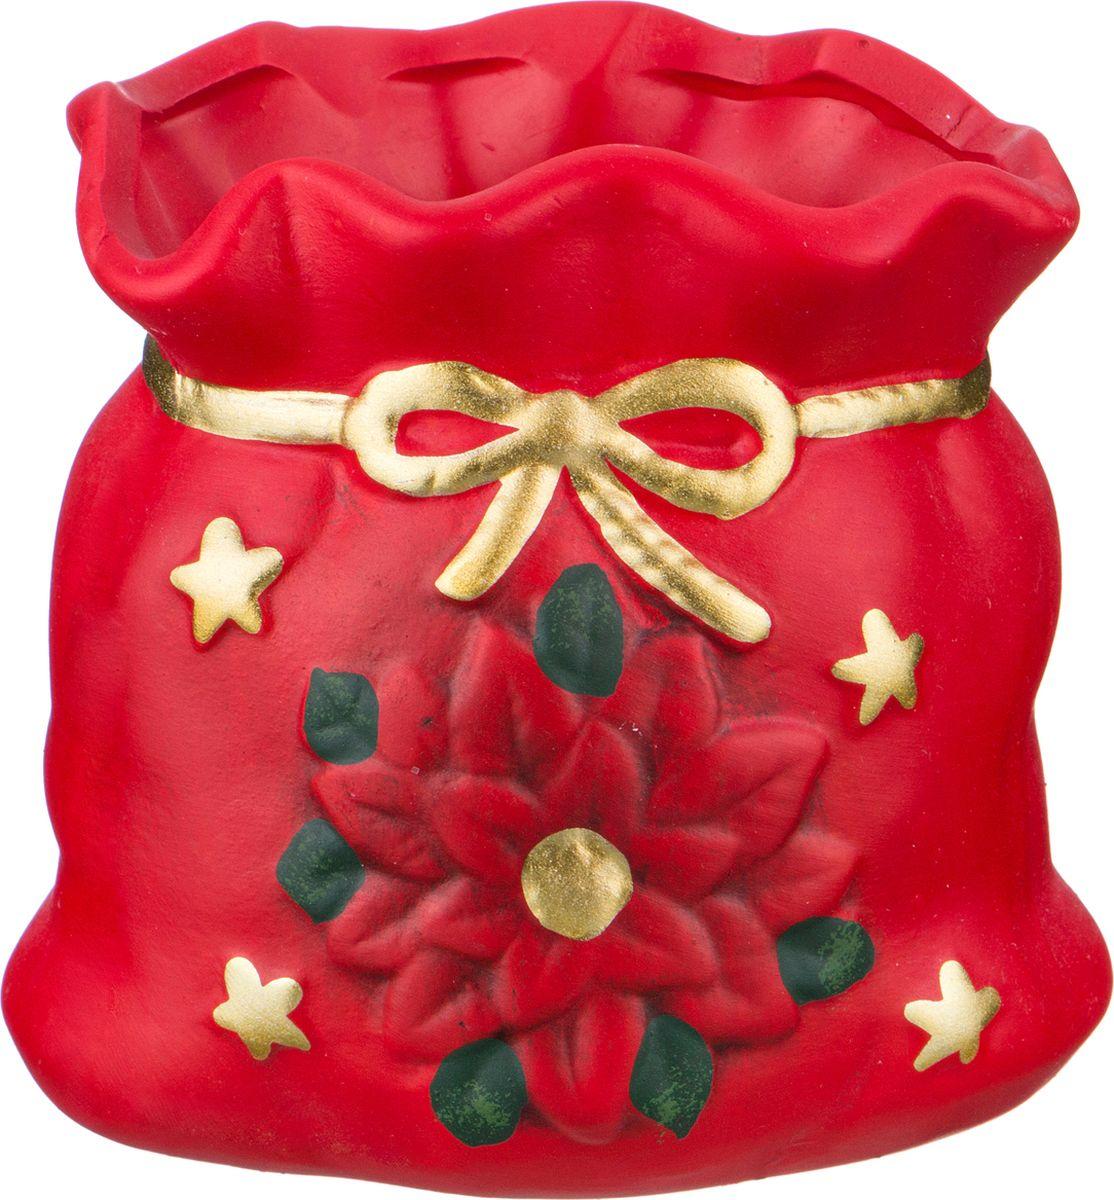 Ваза-кашпо Lefard, цвет: разноцветный, 9,5 х 7,5 х 9,5 см. HP126-WC ваза кашпо pavone сумочка высота 16 см